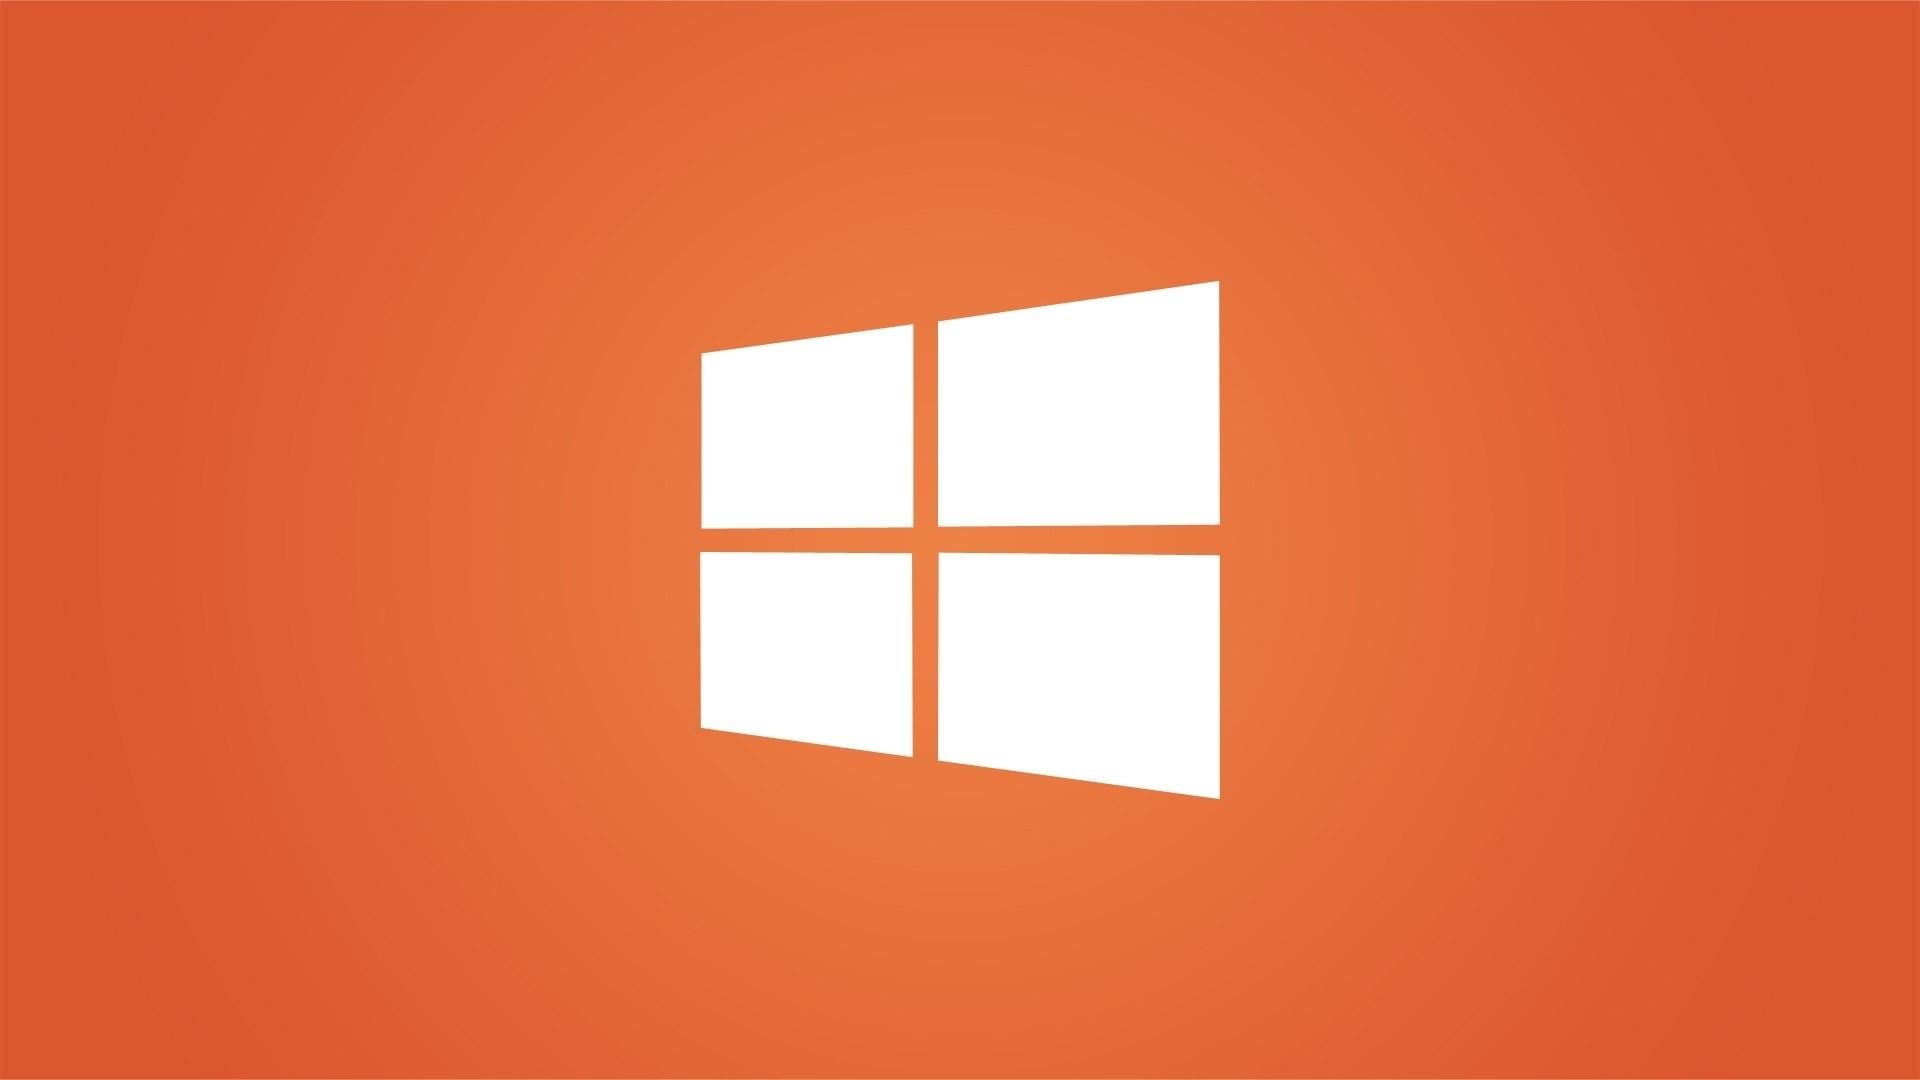 Microsoft hd desktop wallpaper